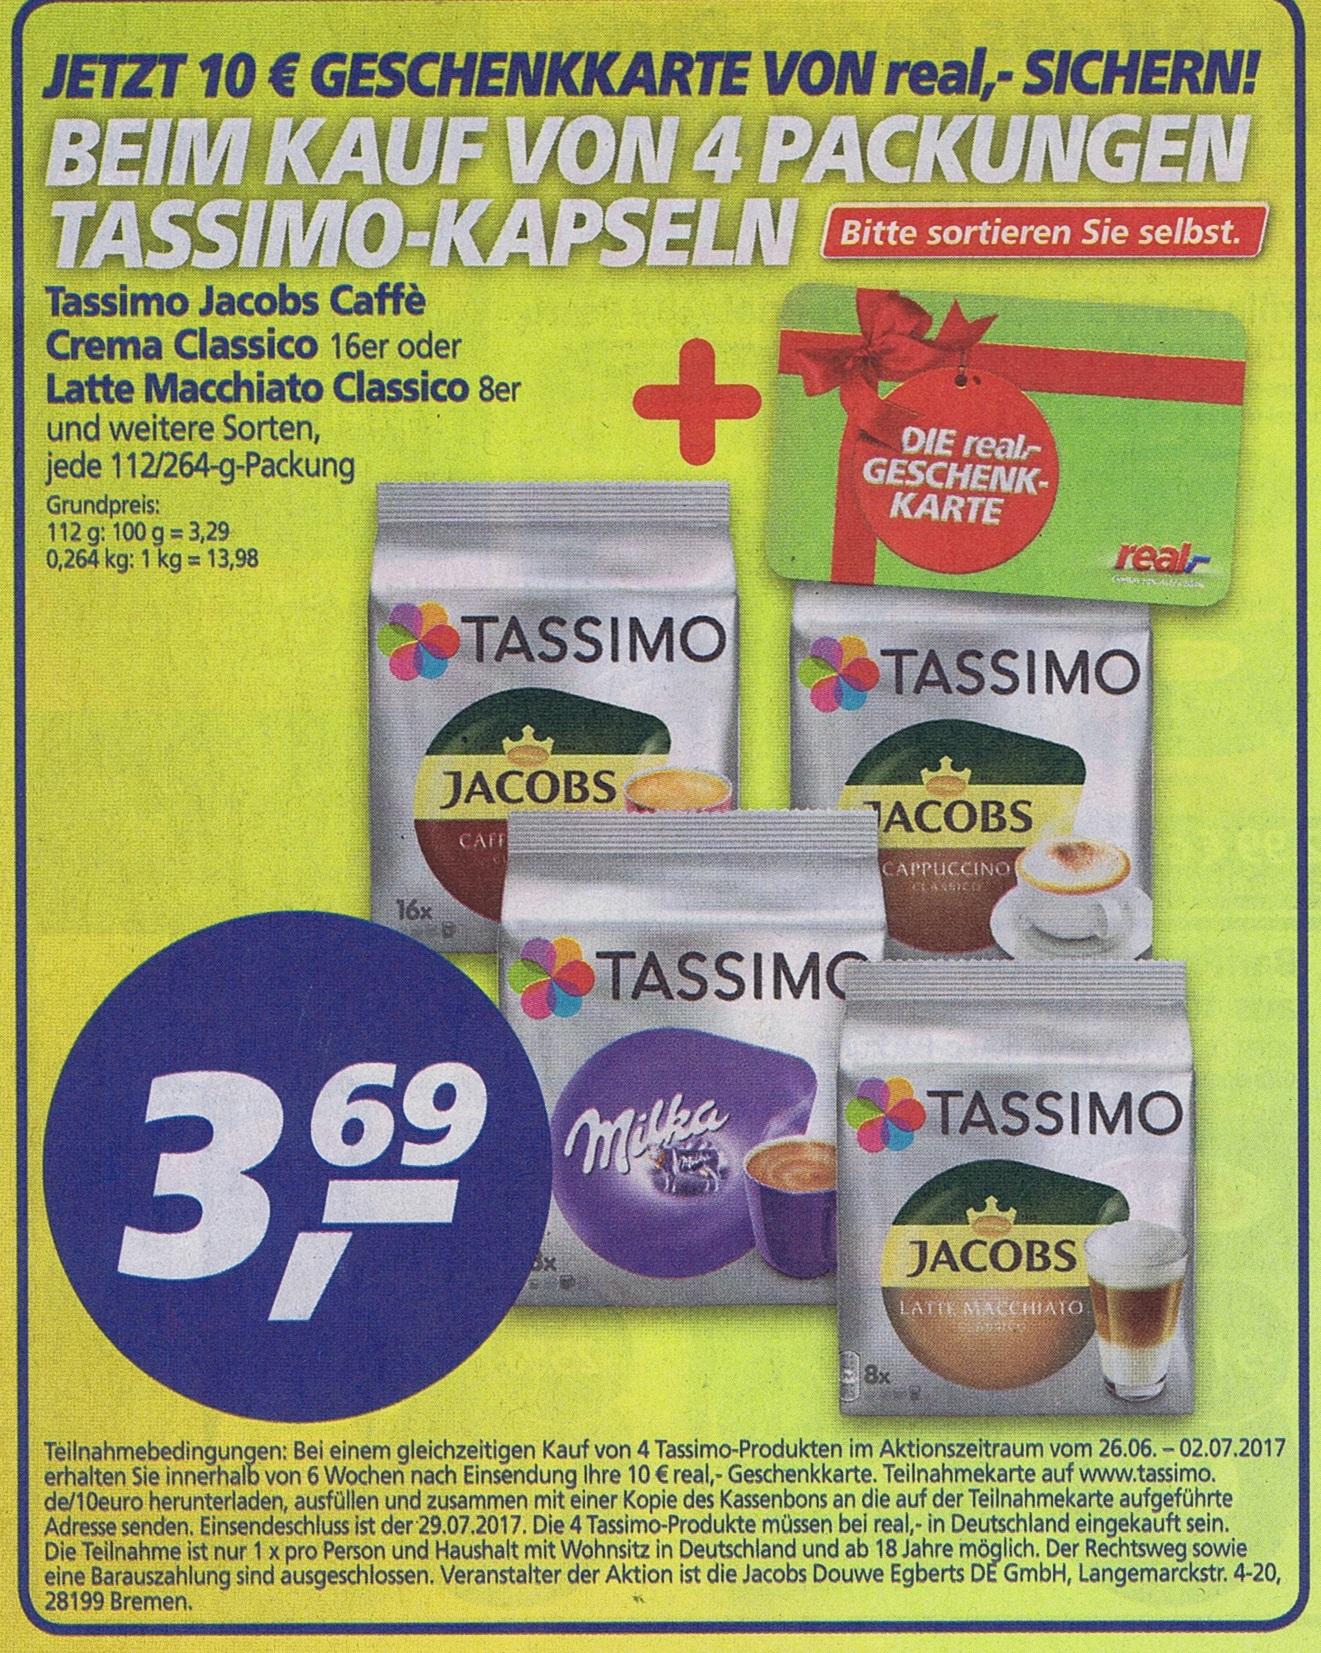 10€ Real Gutschein beim Kauf von 4 Tassimo-Produkten